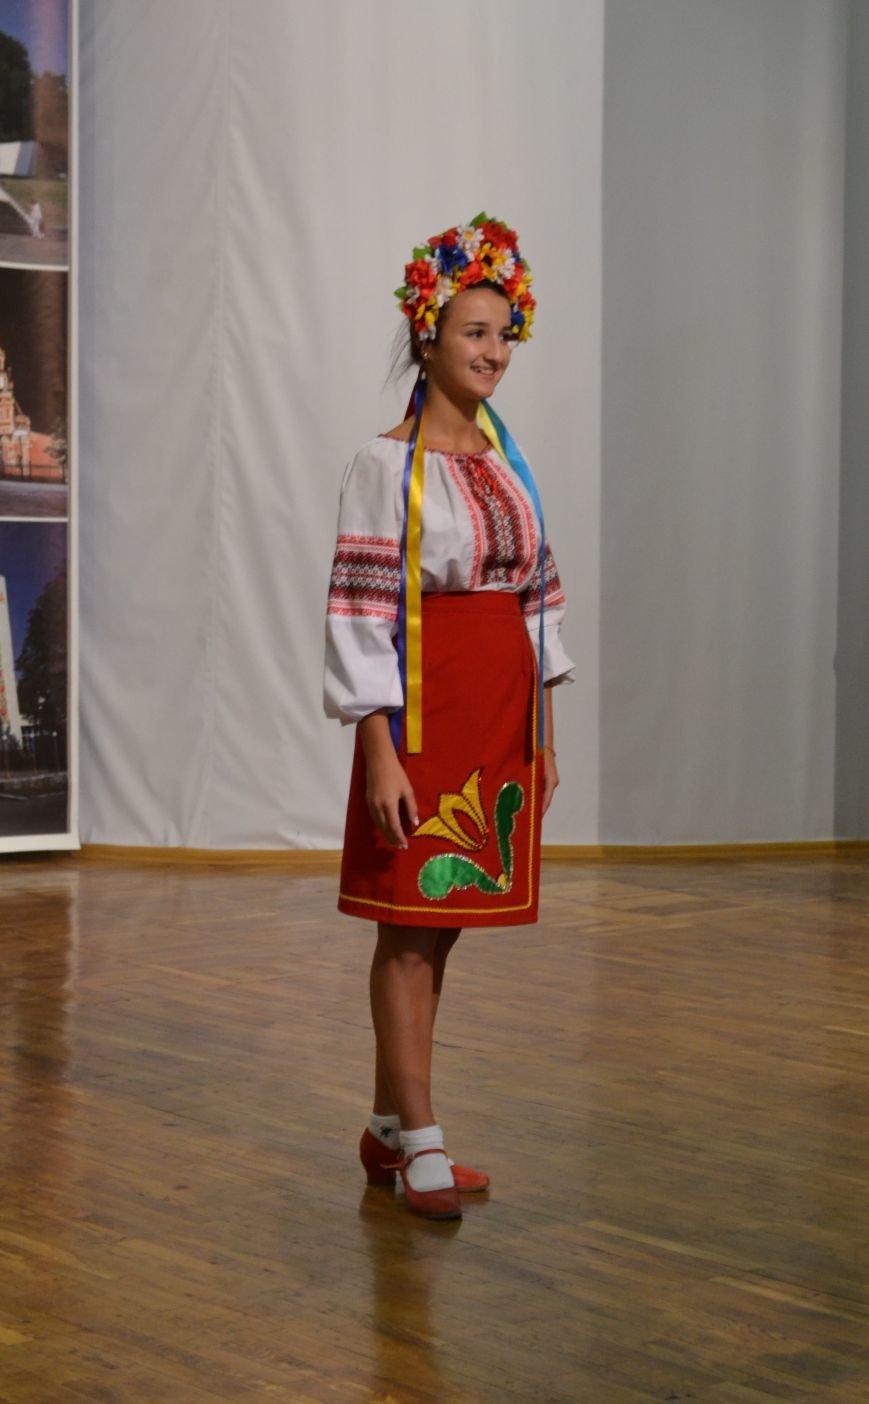 В Днепродзержинске накануне Дня работников образования чествовали педагогов, фото-10